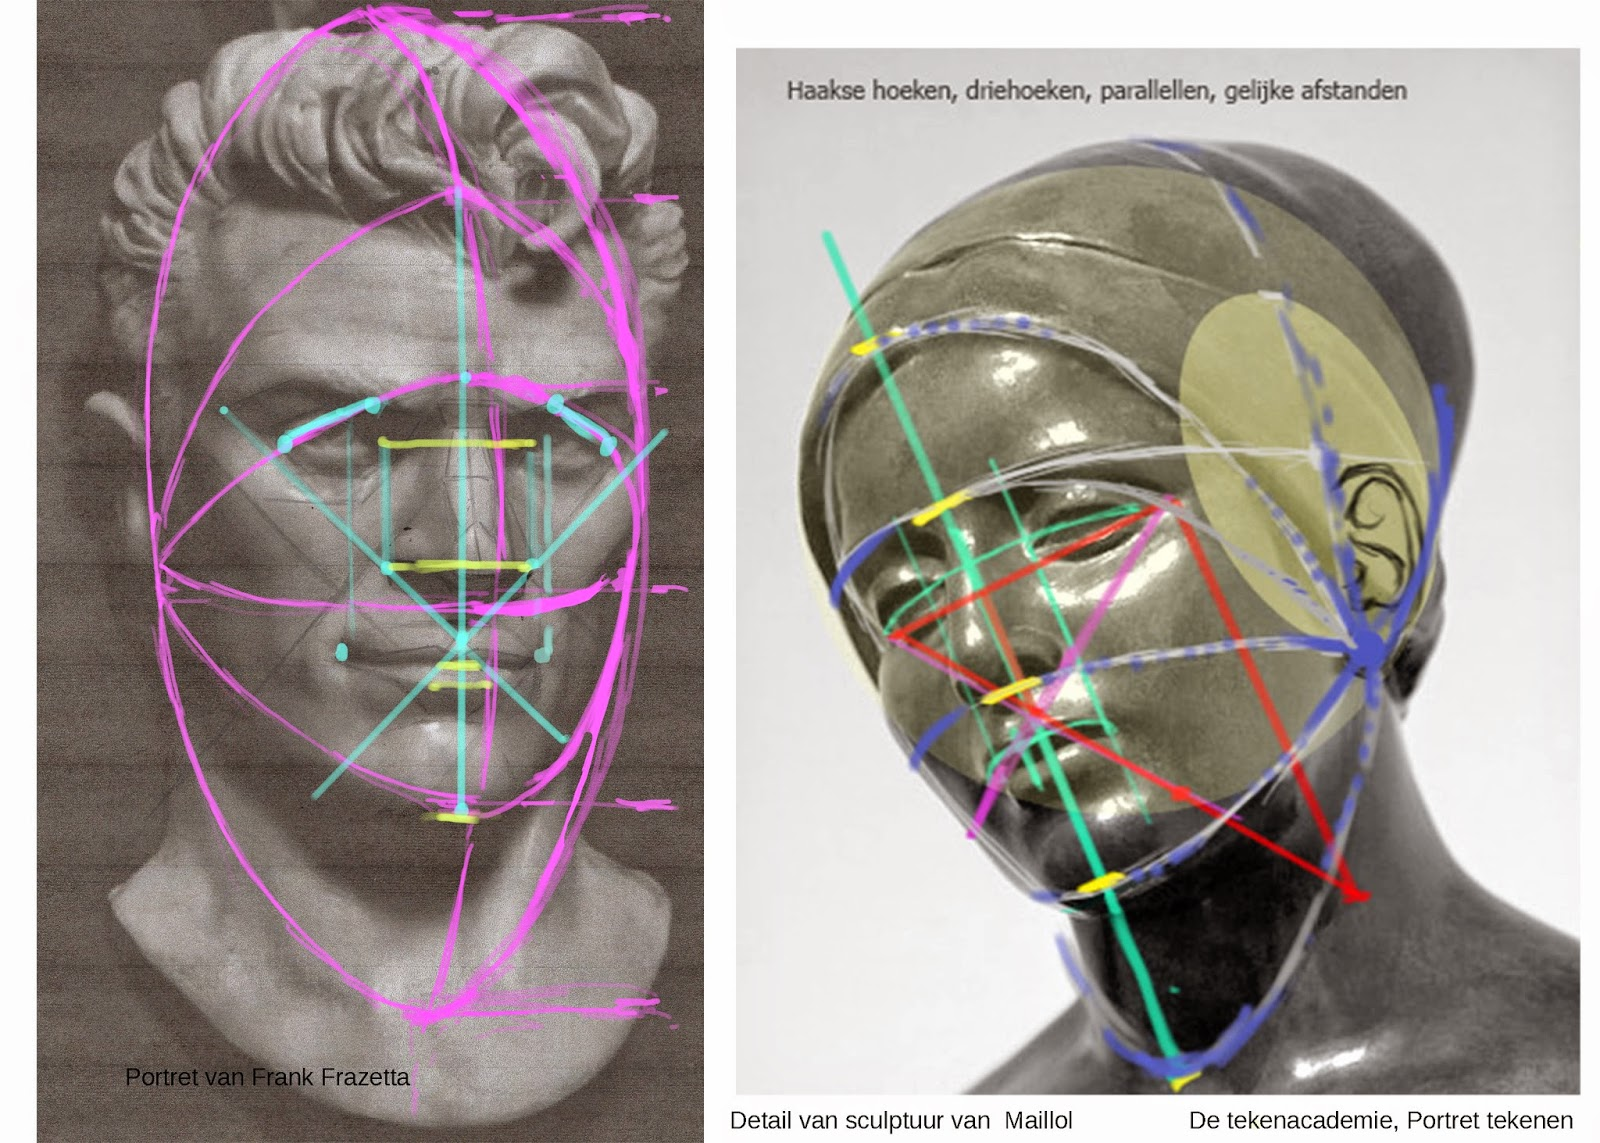 portret tekenen, verhoudingen, verhoudingen tekenen, portret leren tekenen, portrettekening maken, portretten tekenen